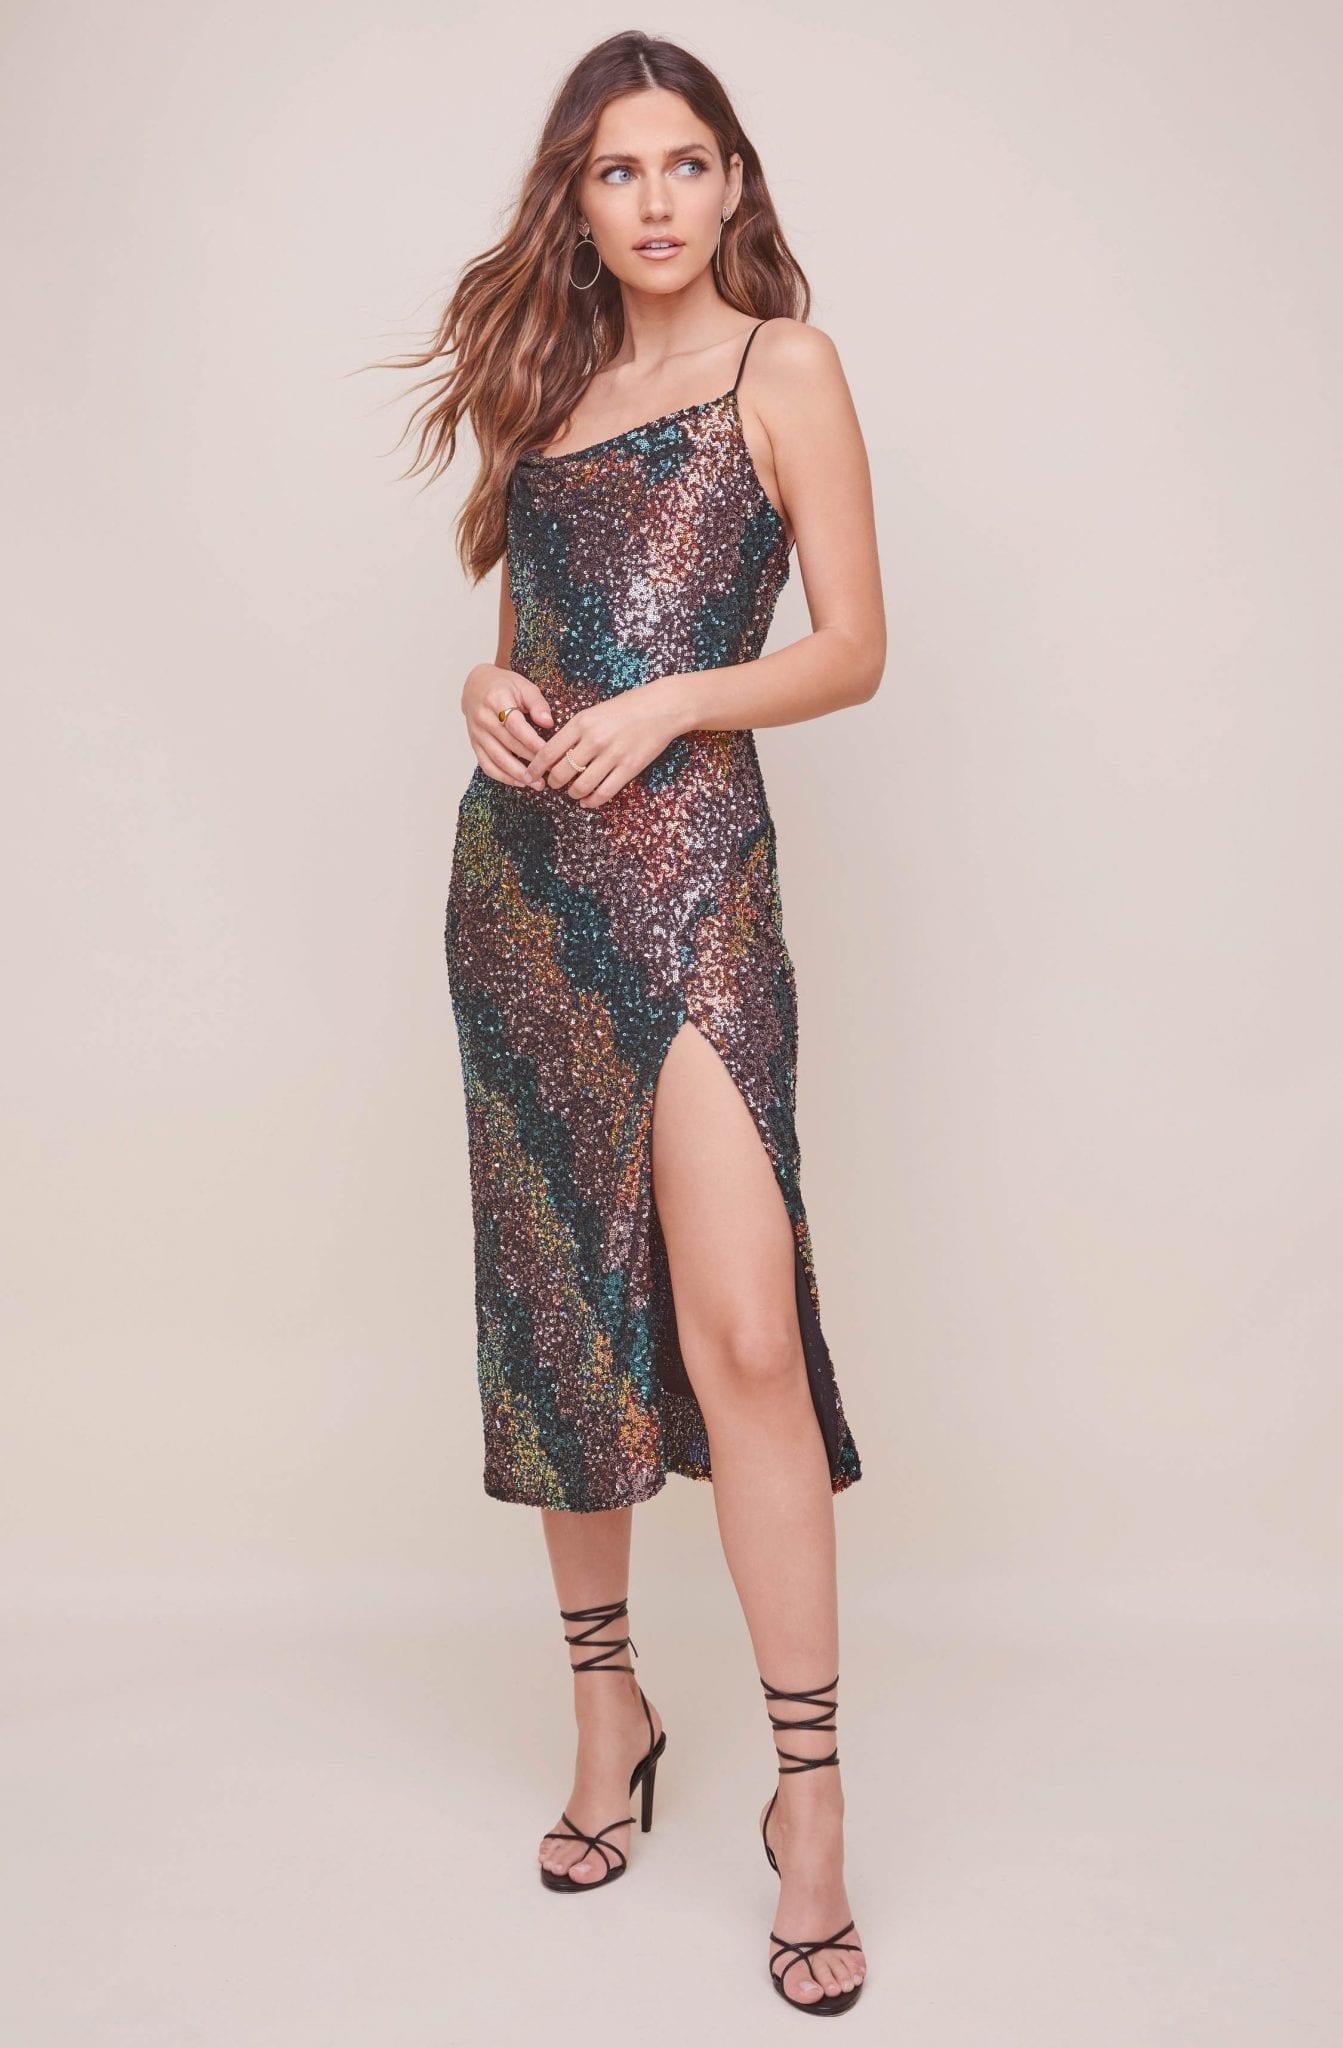 ASTRTHELABEL Magic Moment Sequin Midi Dress